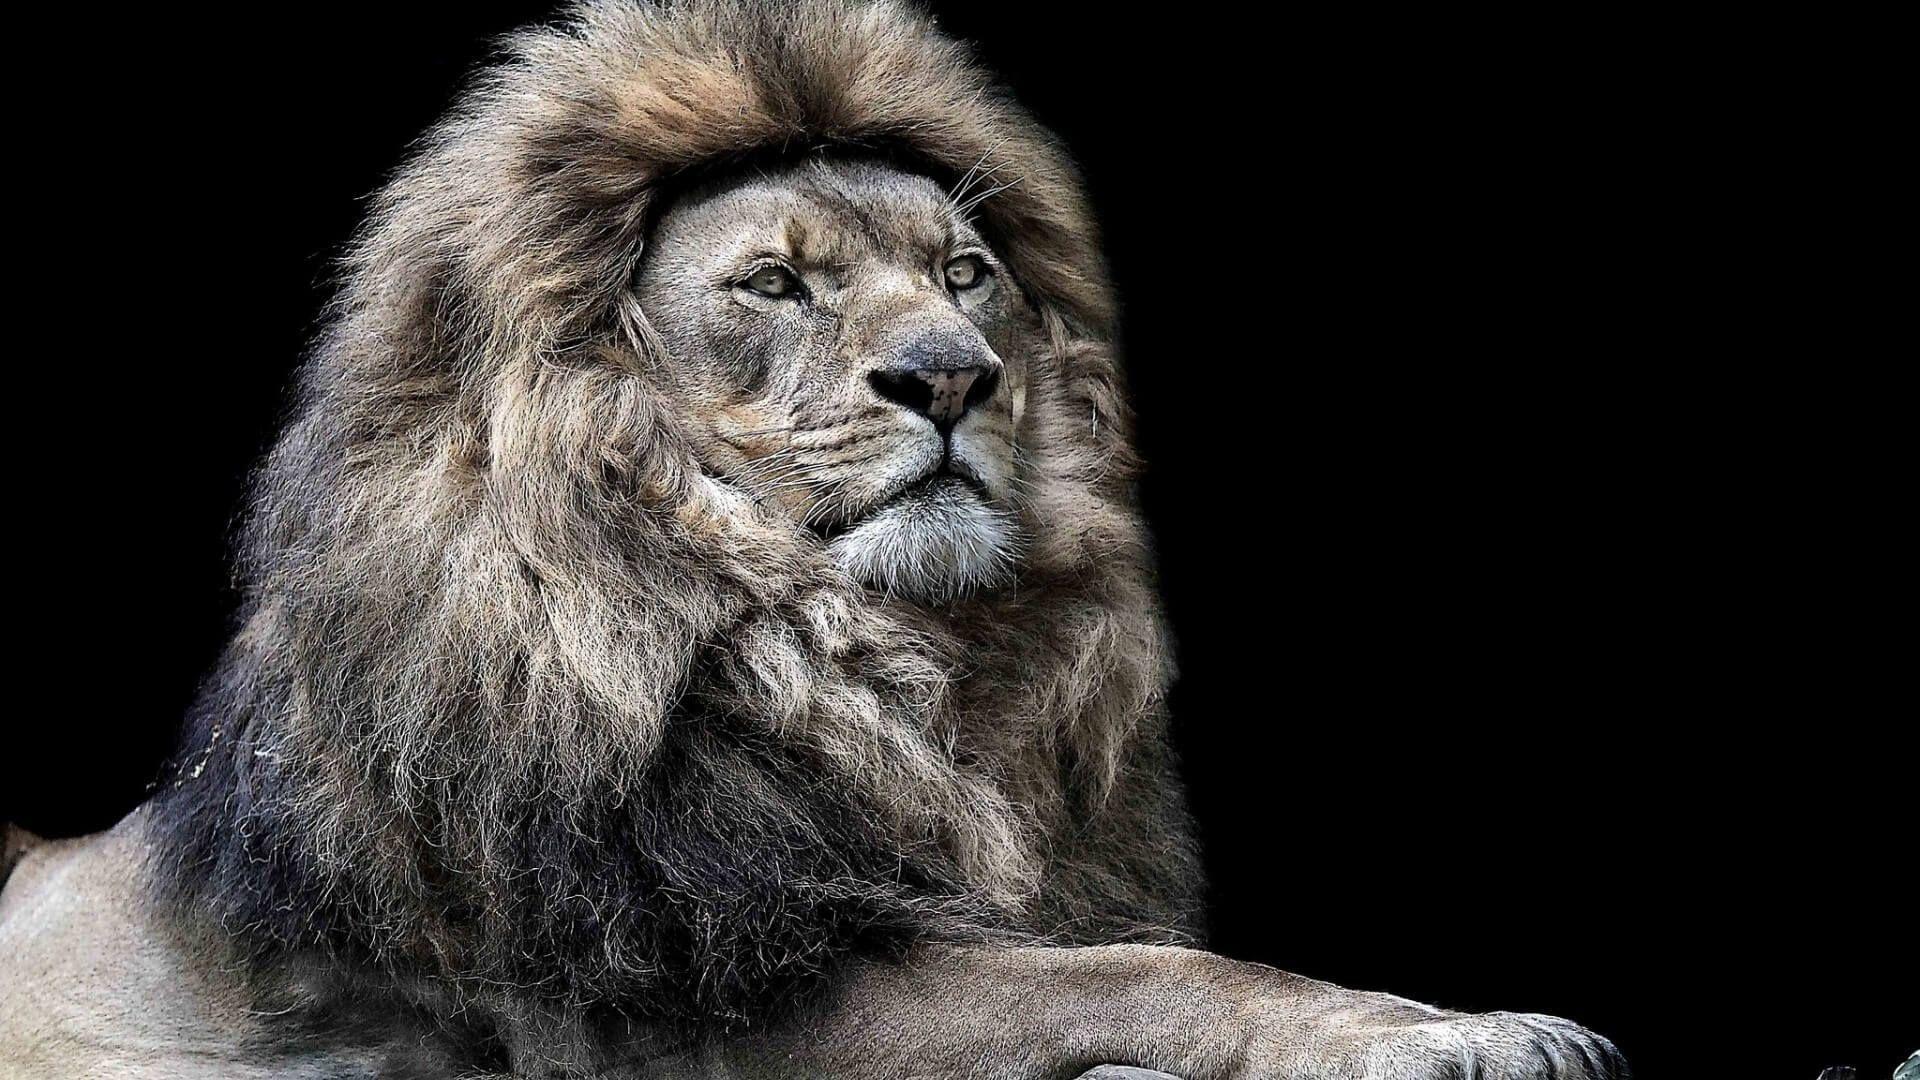 Unique Angry Lion Wallpaper Hd 1080p Di 2020